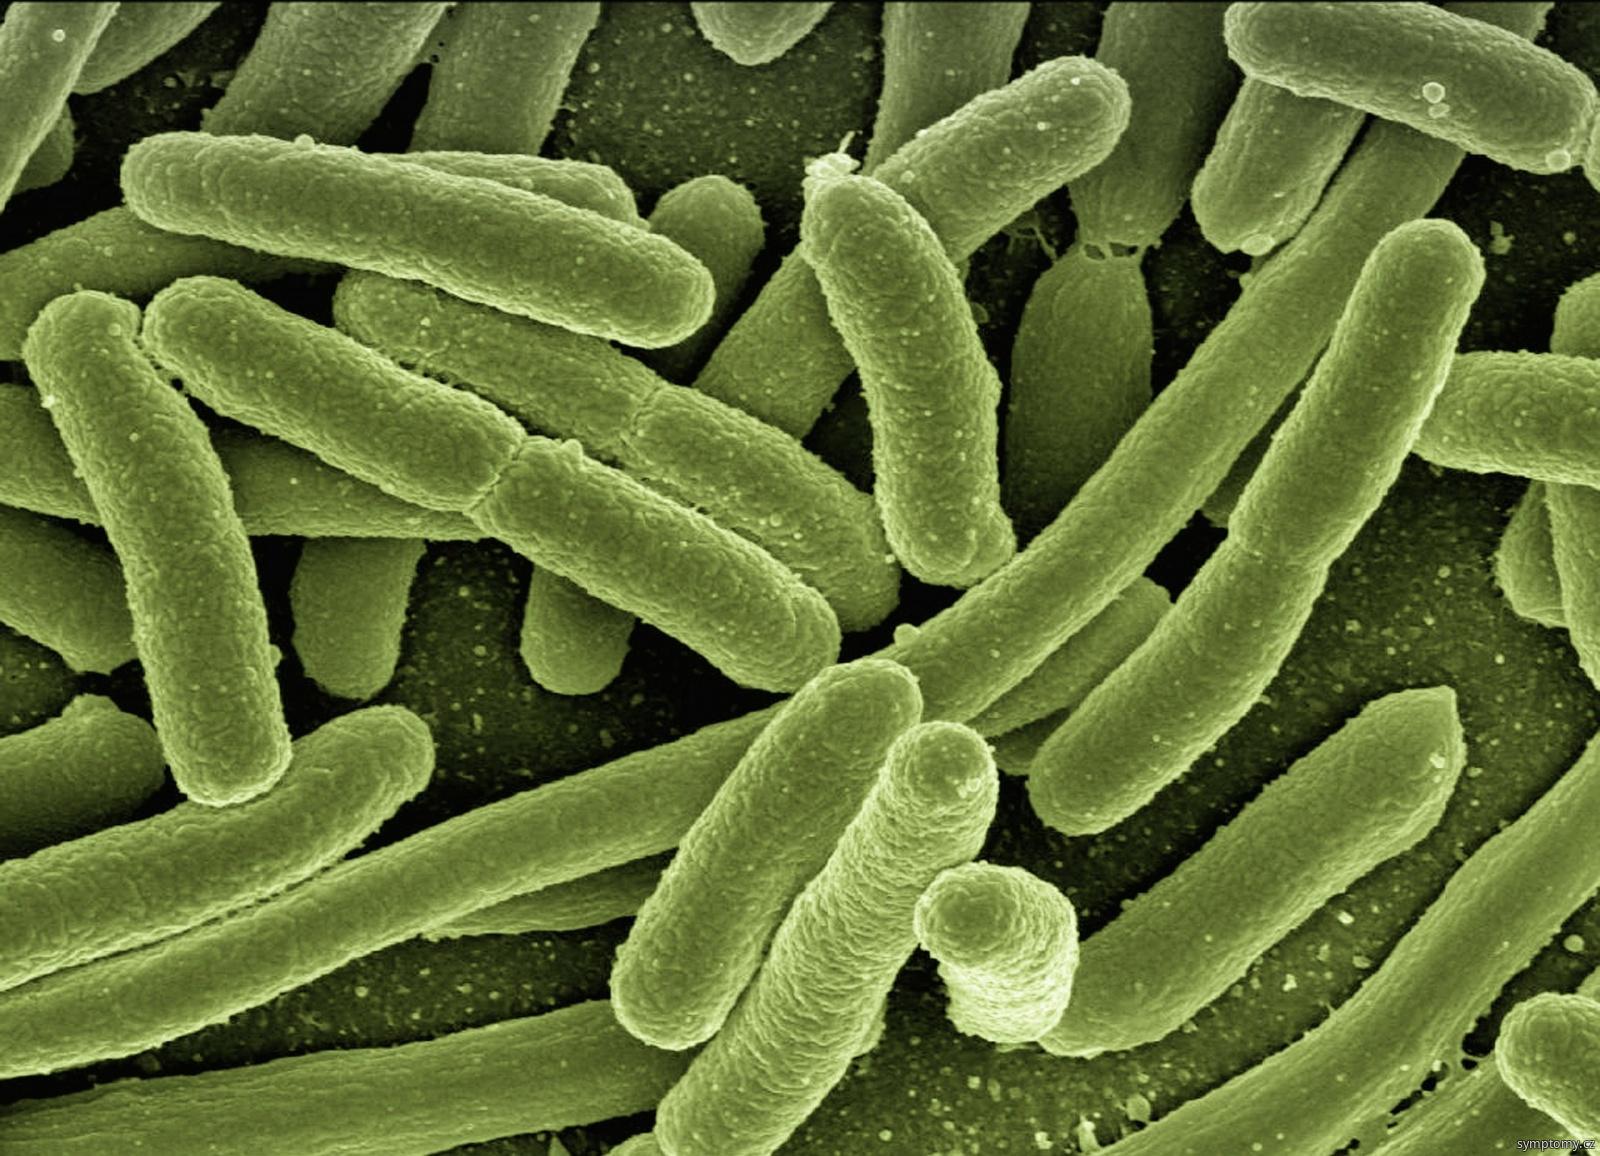 bakterie Clostridium botulinum